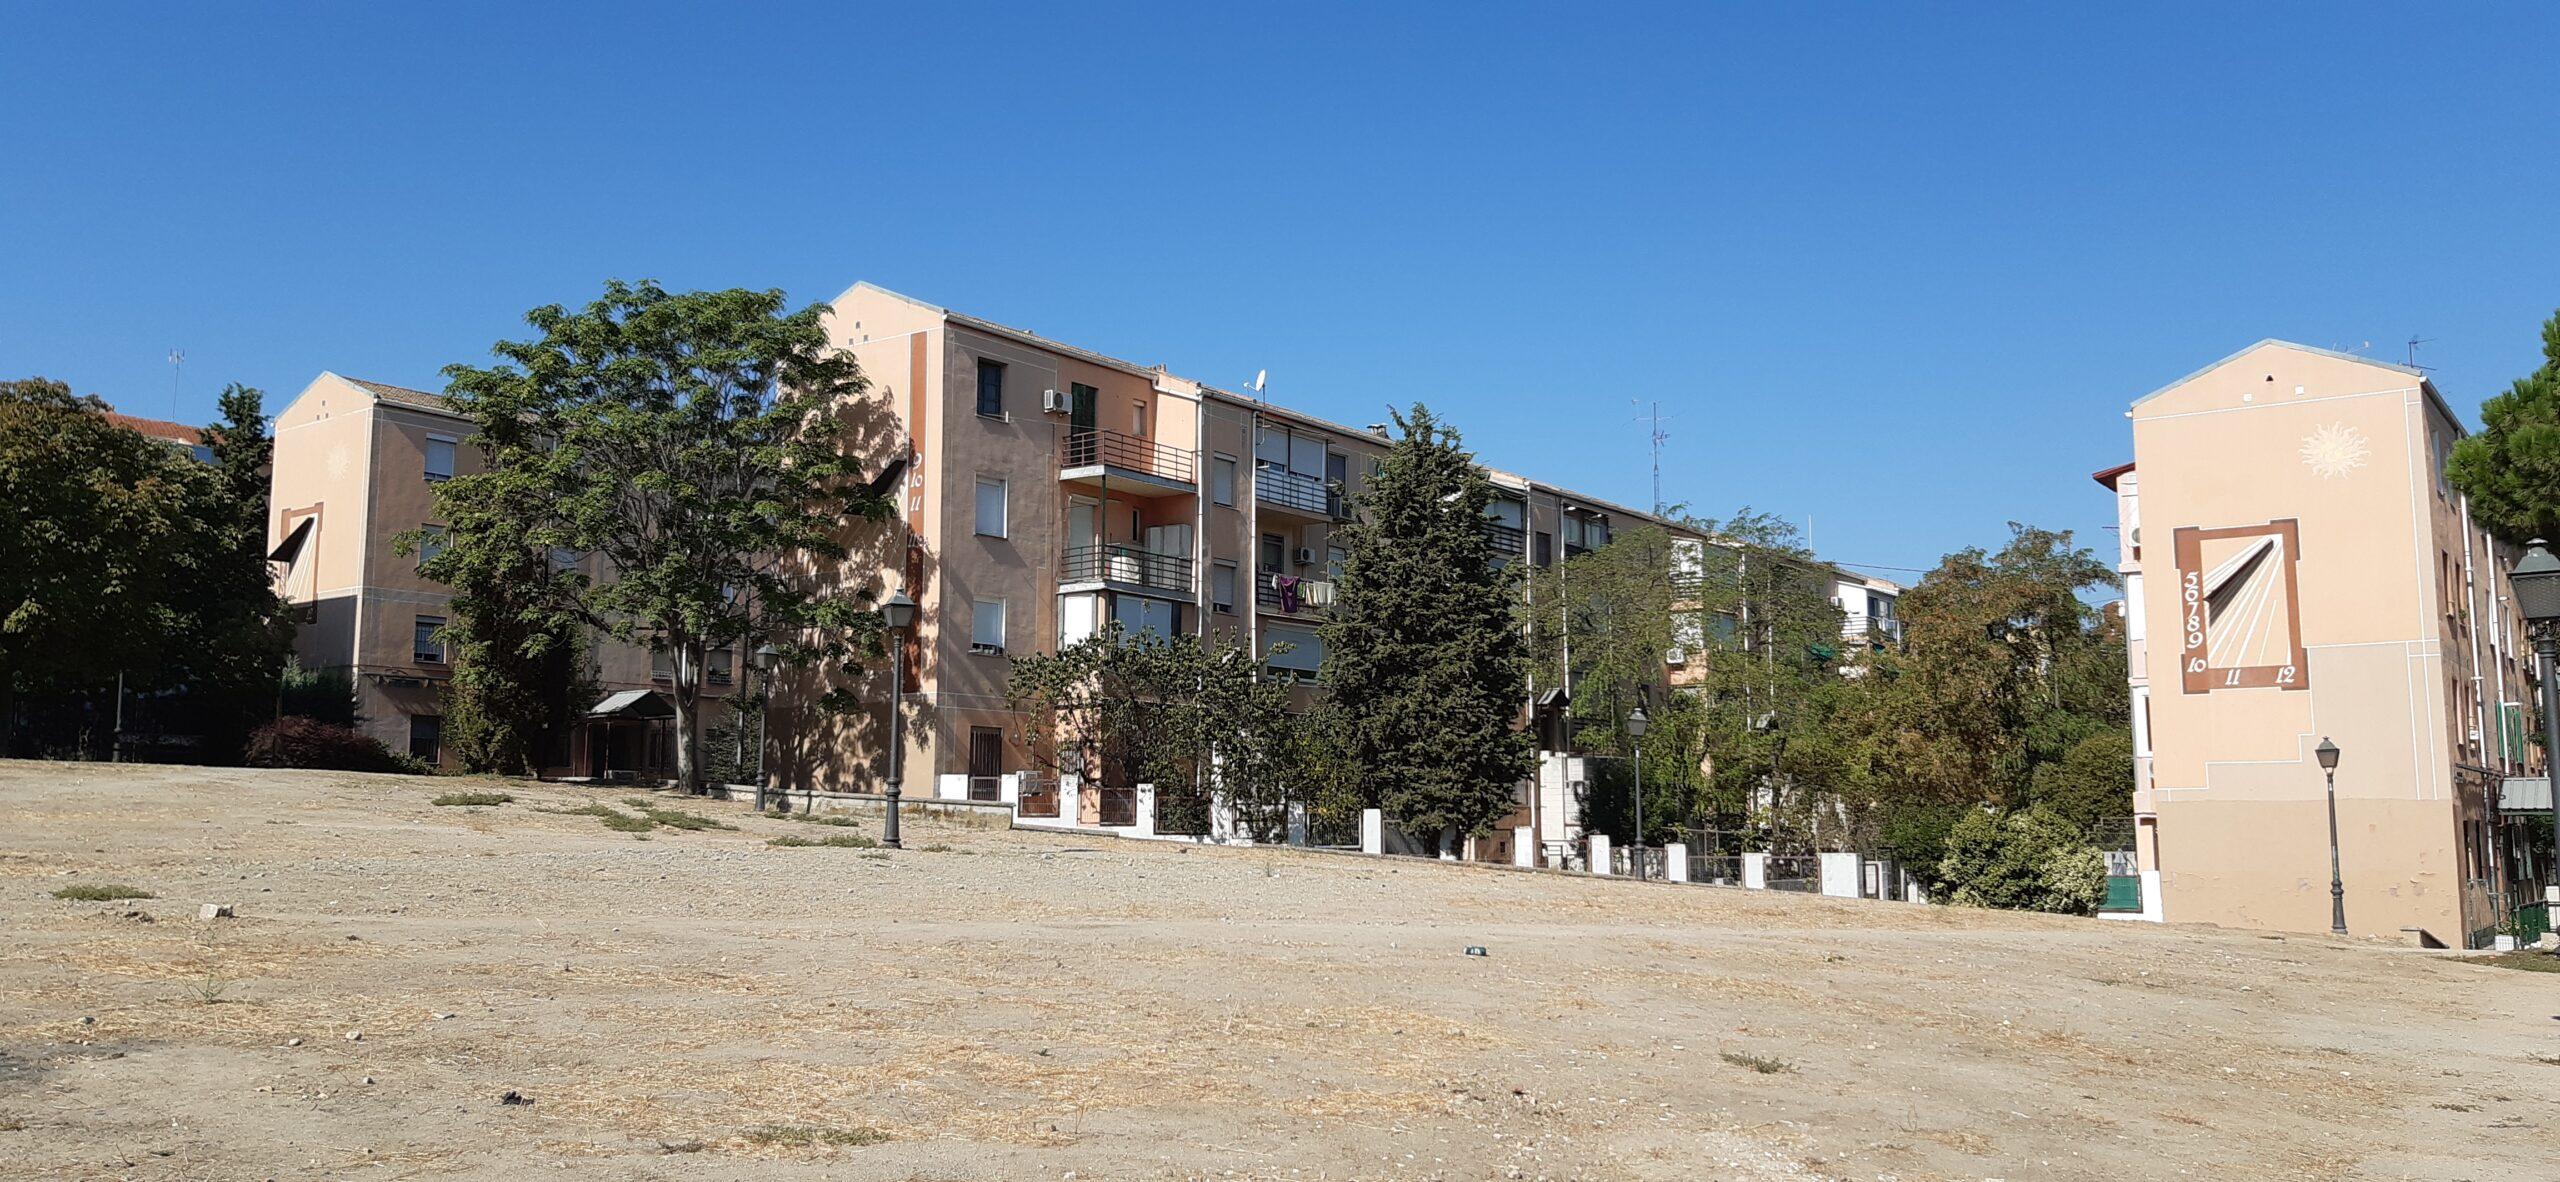 Vista de los tres relojes de la zona de la calle Calesas